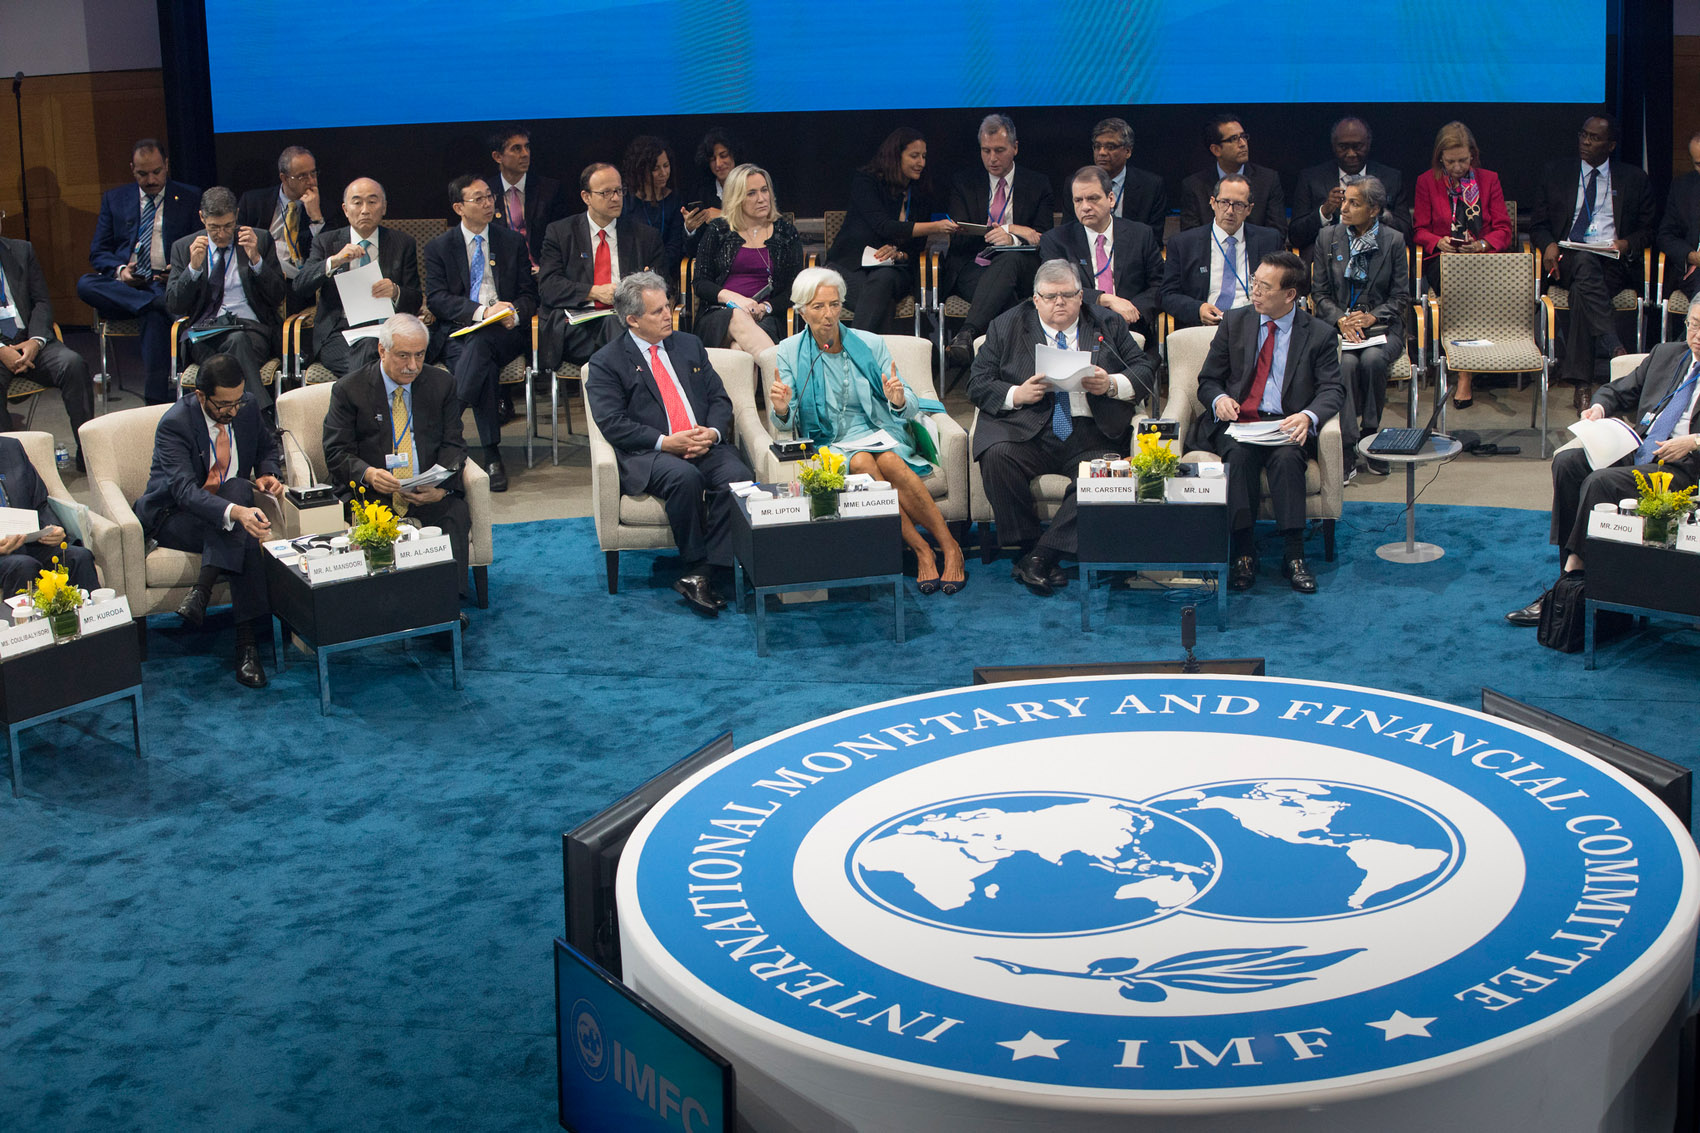 Немає програми з МВФ - немає всіх інших програм міжнародних фінансових інституцій